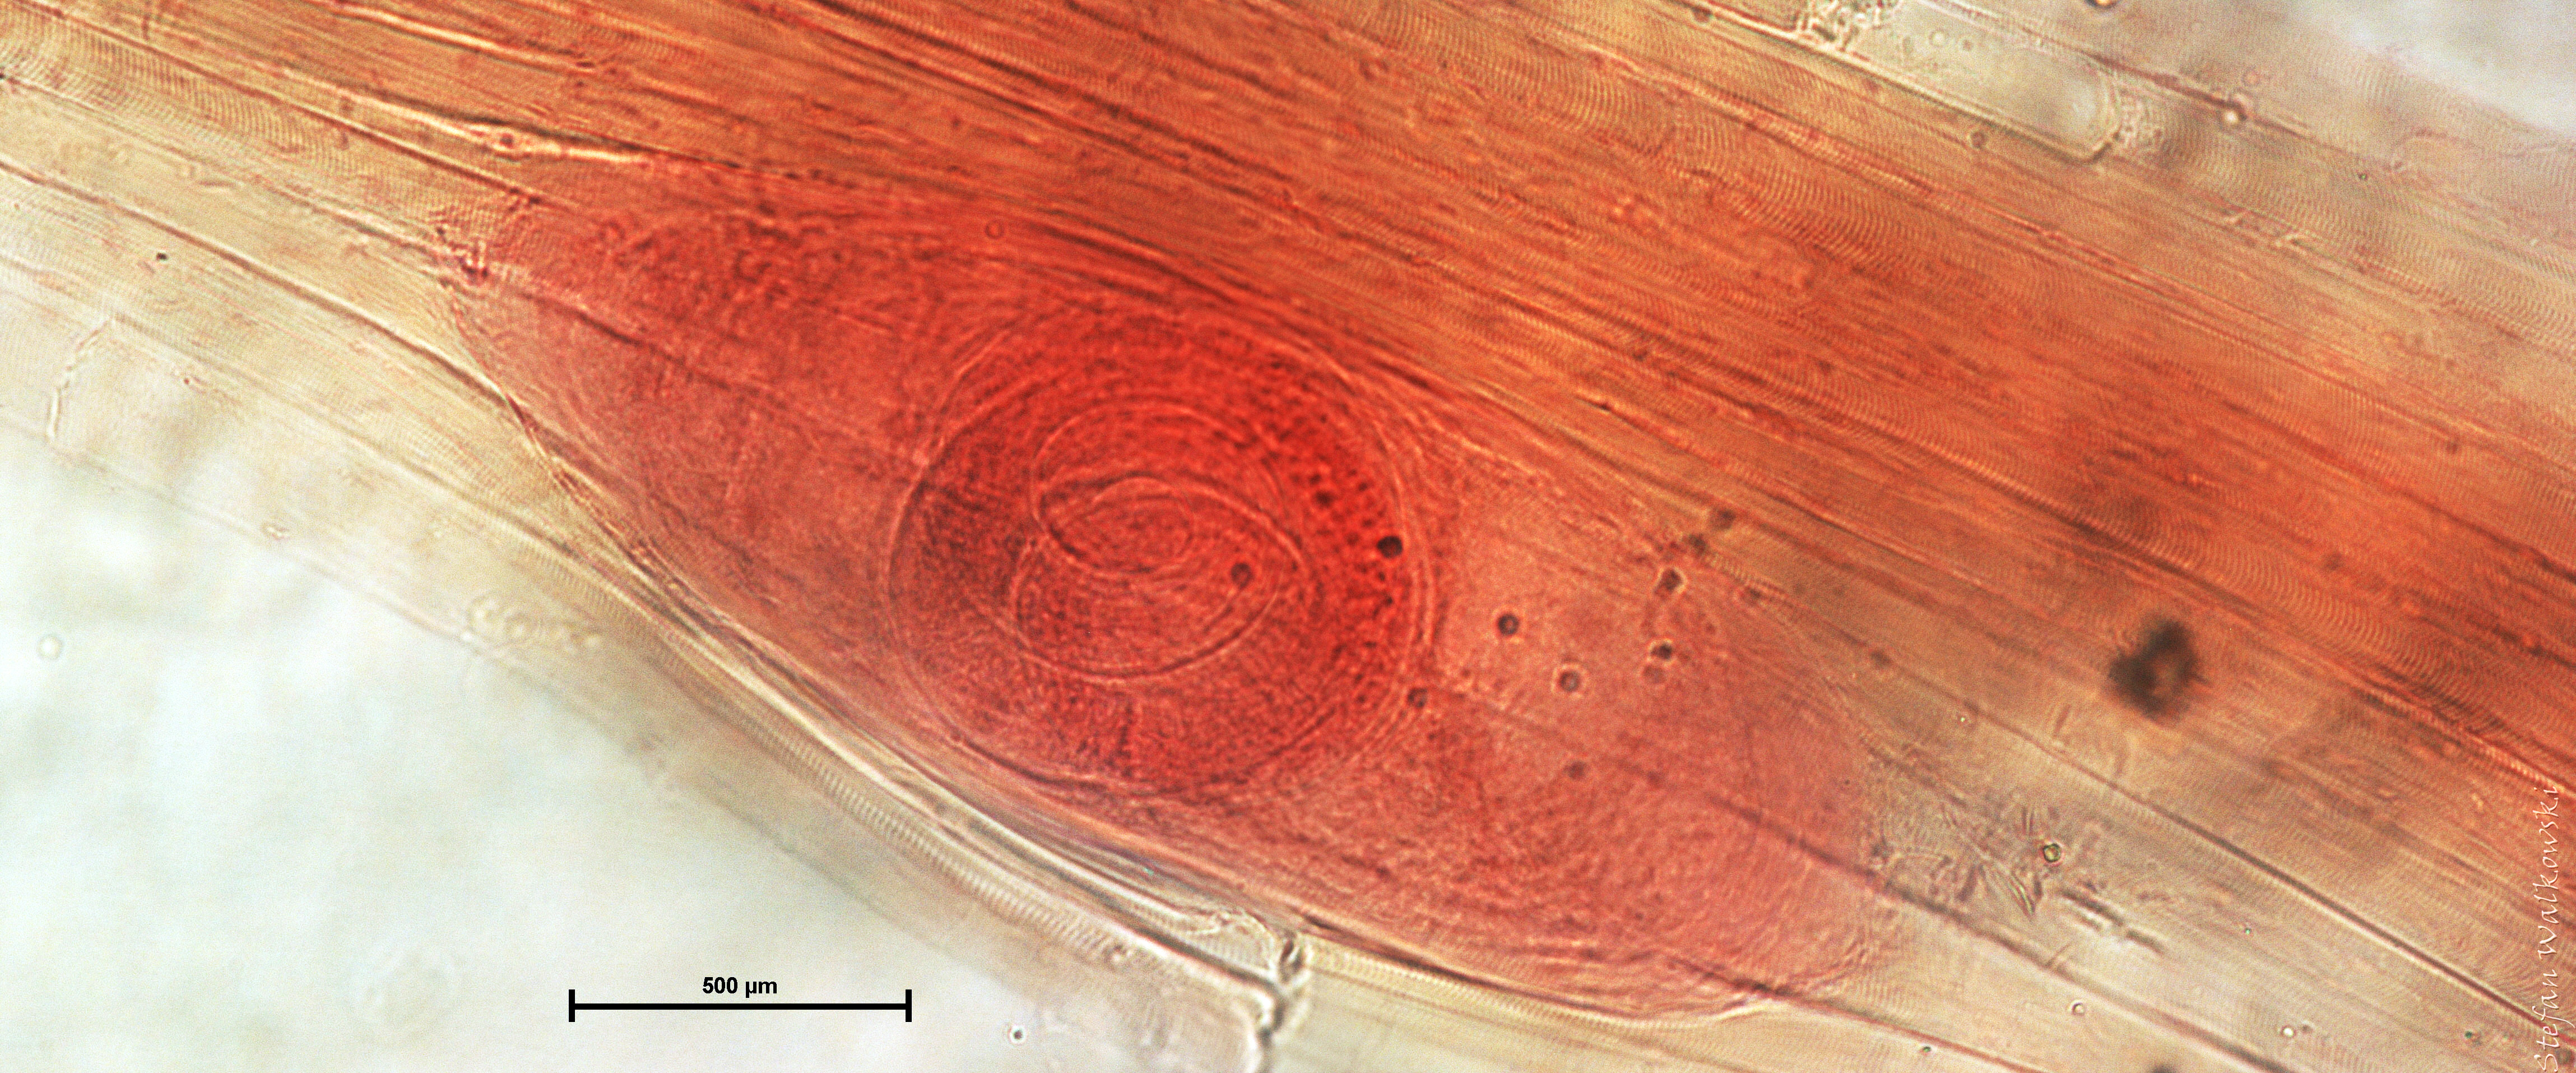 trichianella spiralis Title: trichinella - a nematode parasite author: tsmith keywords: trichinella, trichinella spiralis, trichinosis, parasites, food.